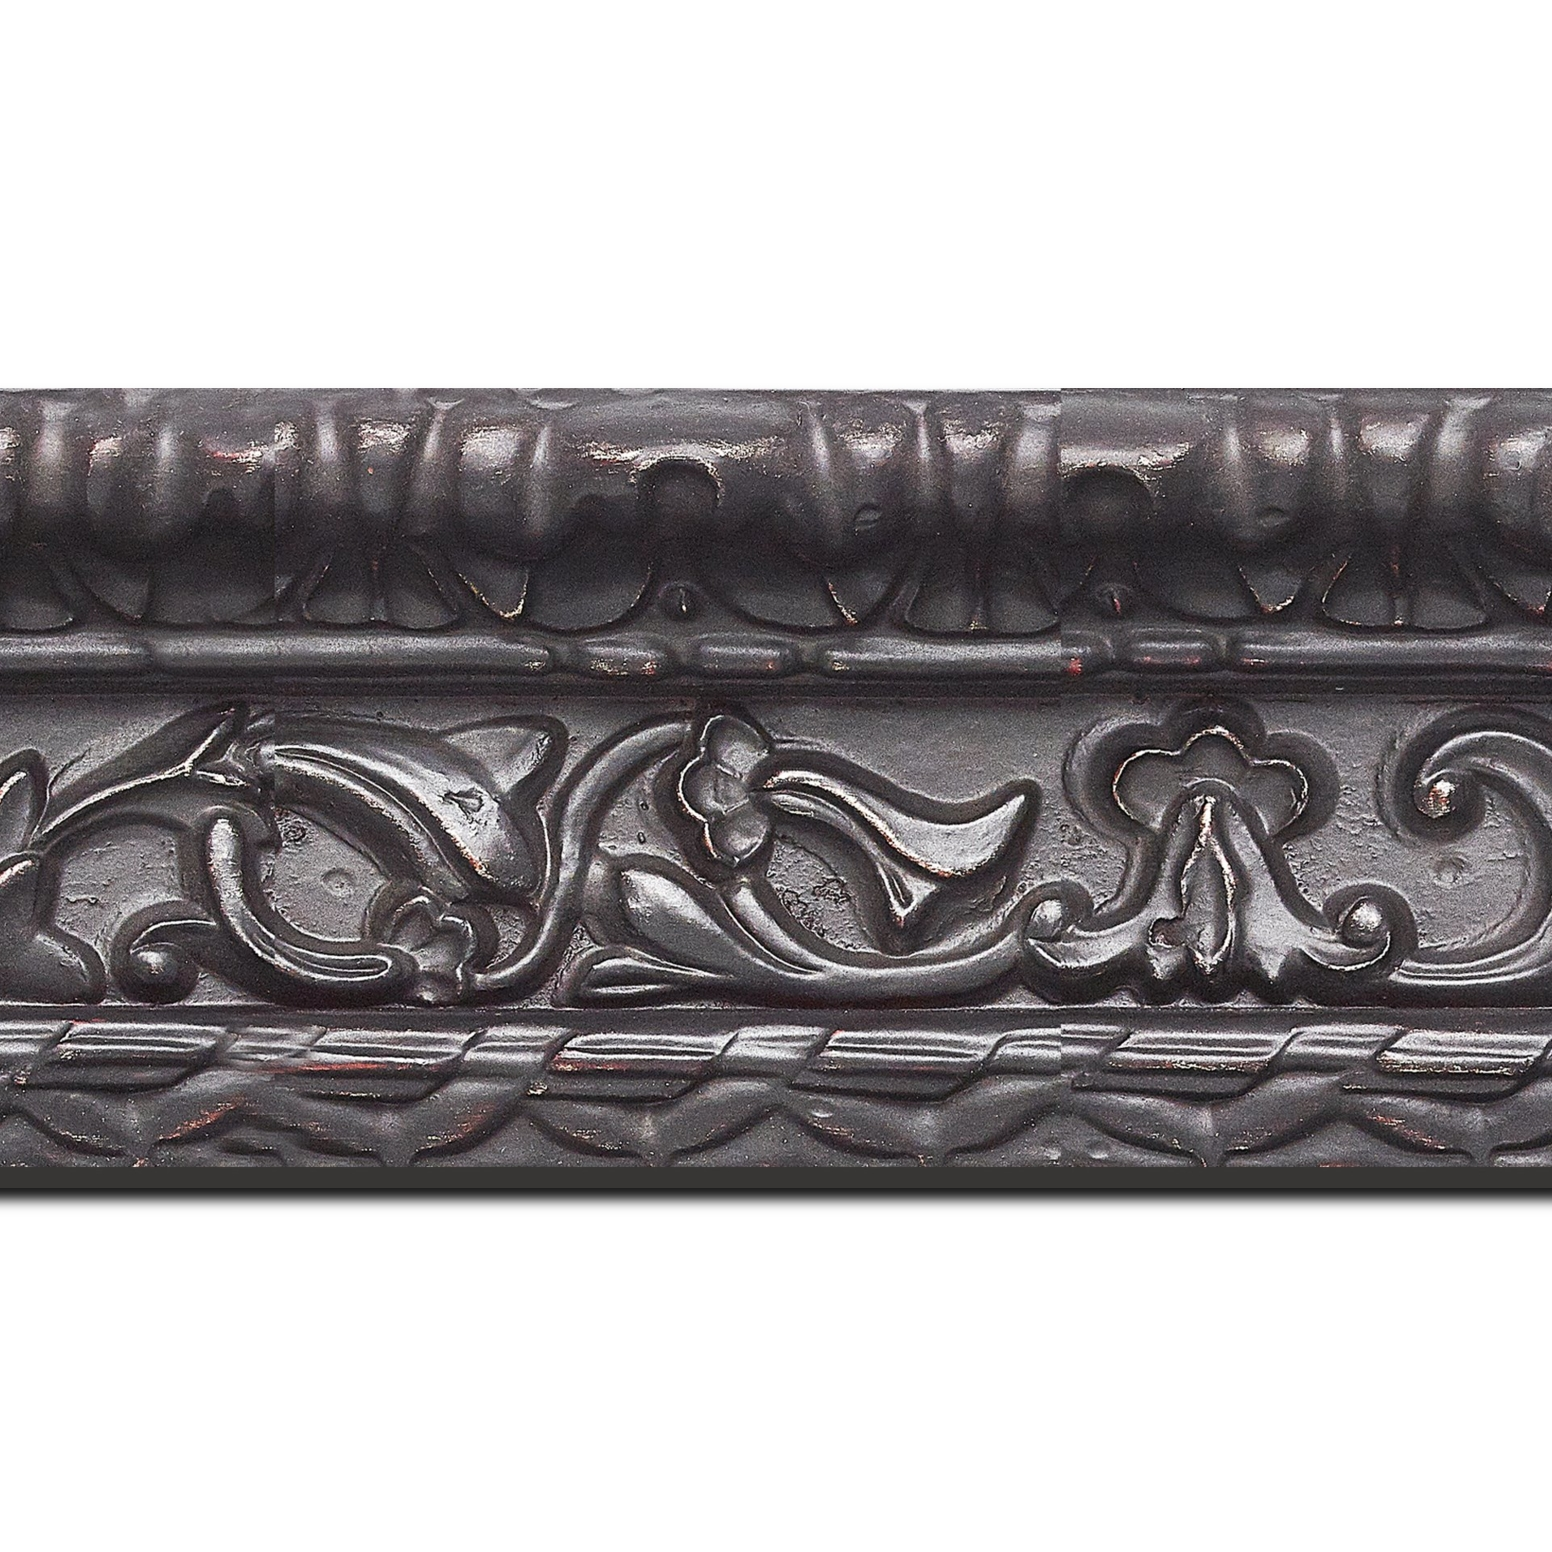 Baguette longueur 1.40m bois profil incurvé largeur 9.8cm noir antique style ornement